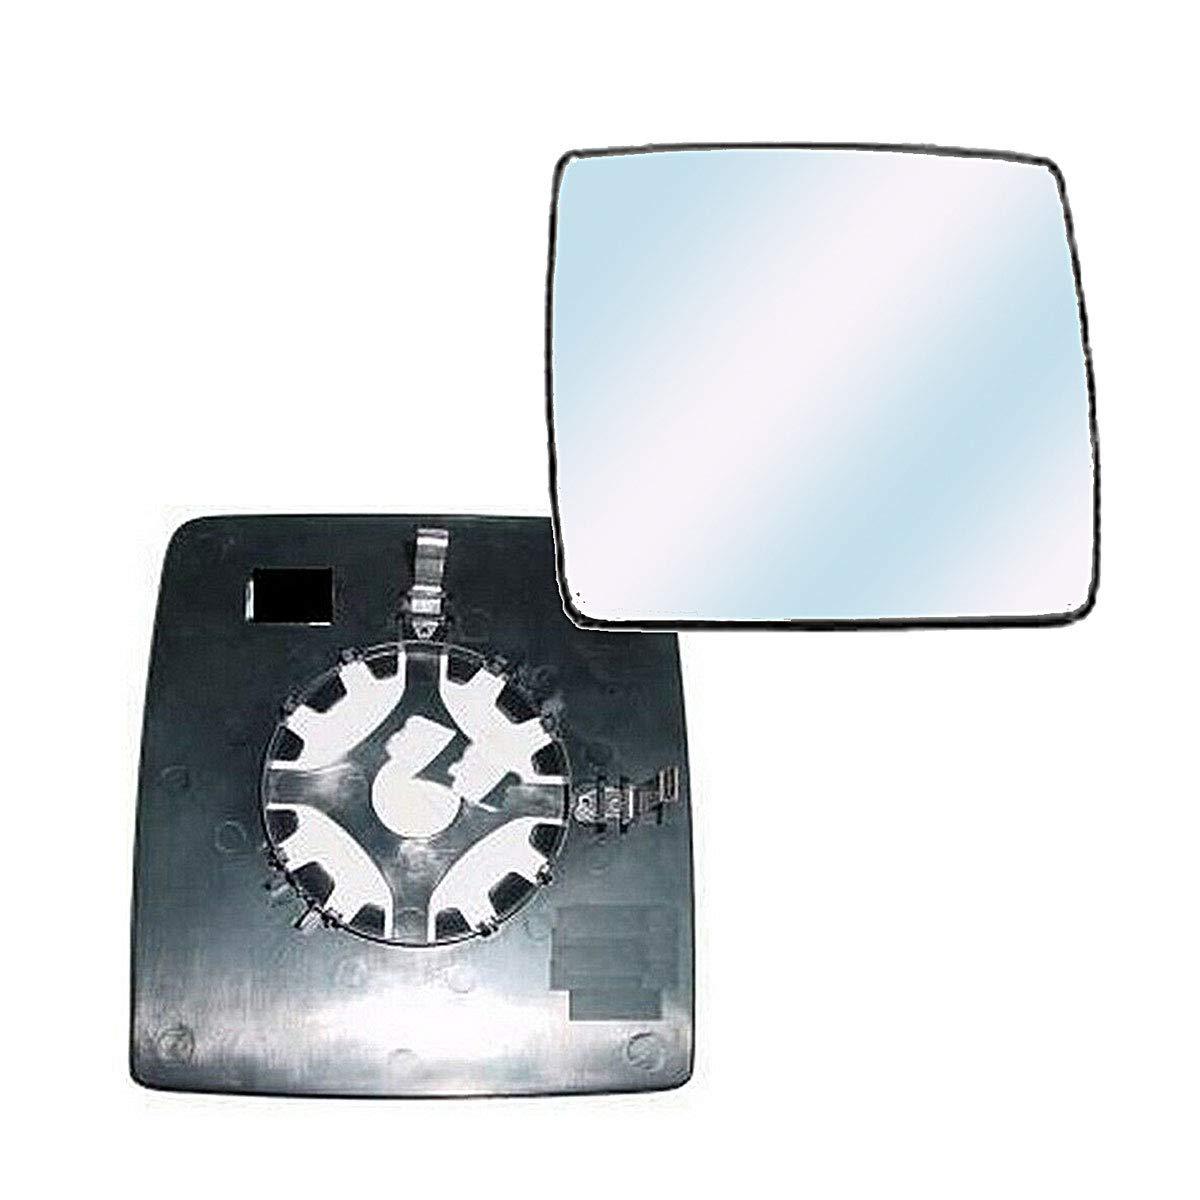 Miroir de Remplacement pour Rétroviseur droit, dégivrant pour COMBO de 2002 à 2011